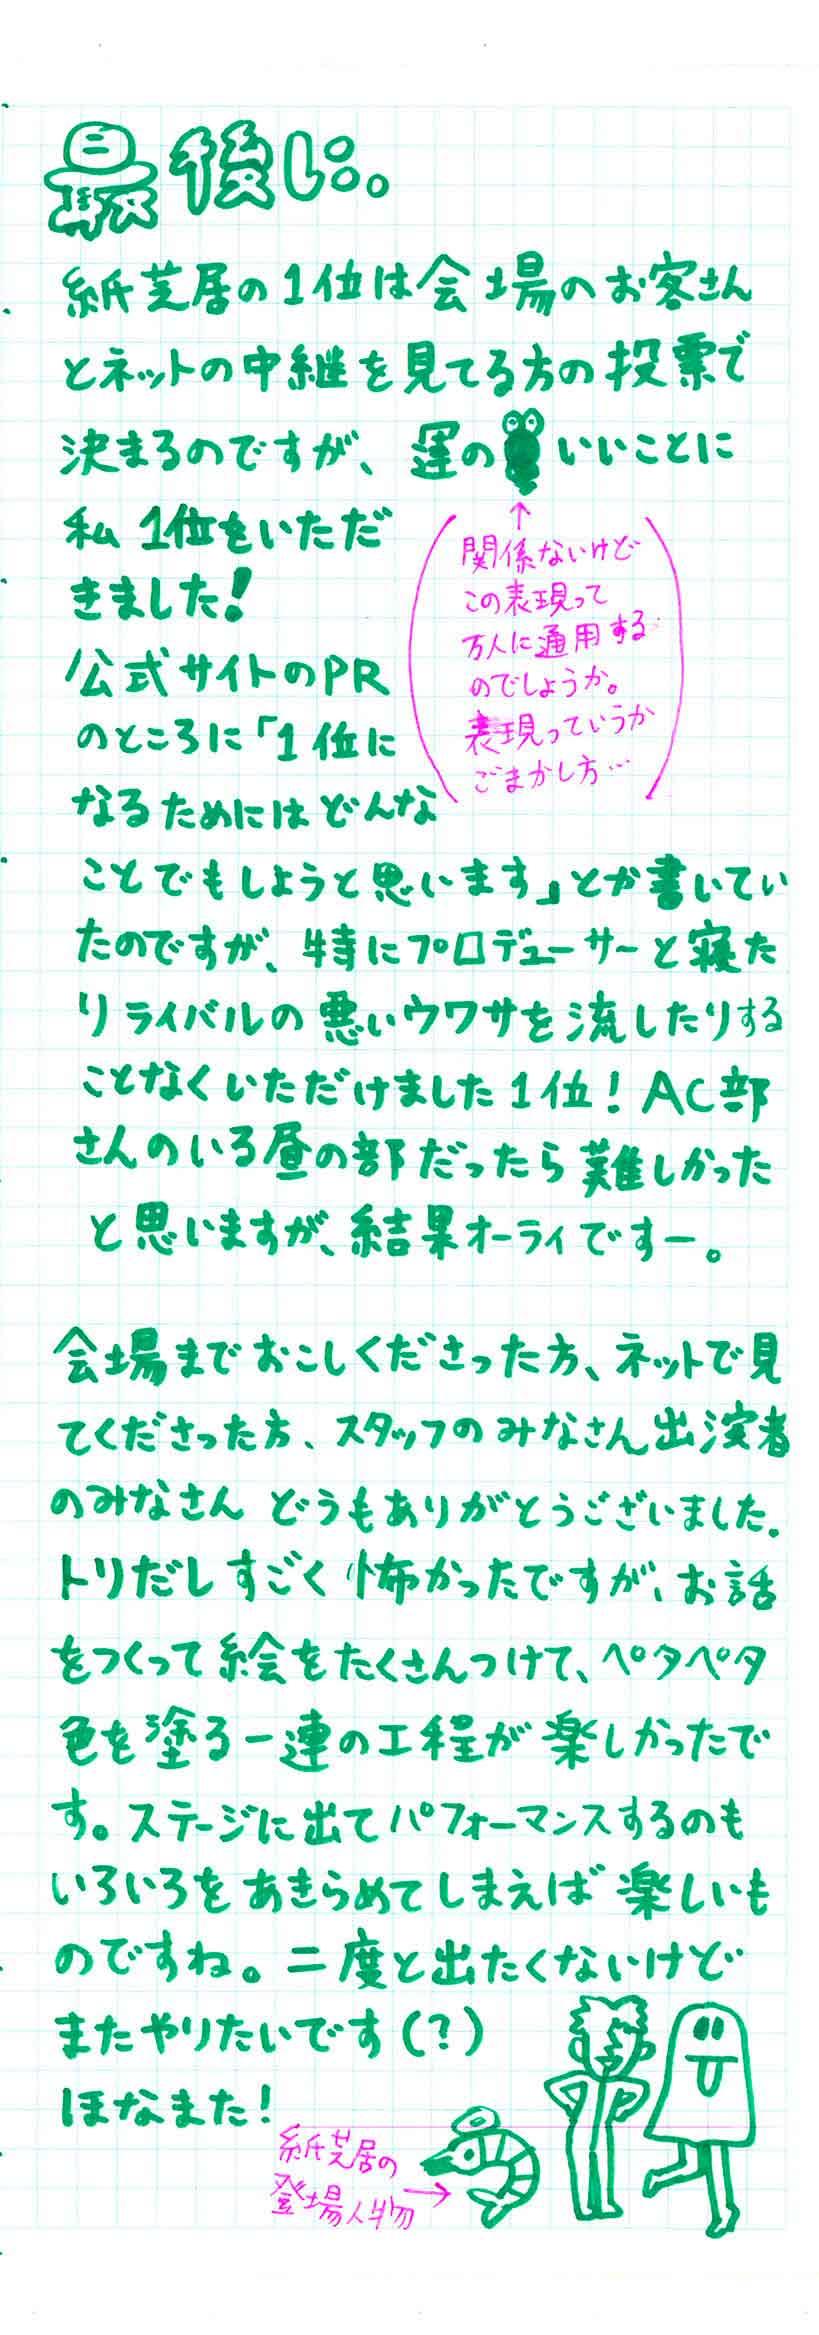 レポート : 8月12日無差別級紙芝居のフェス出演(2)_d0151007_0402575.jpg